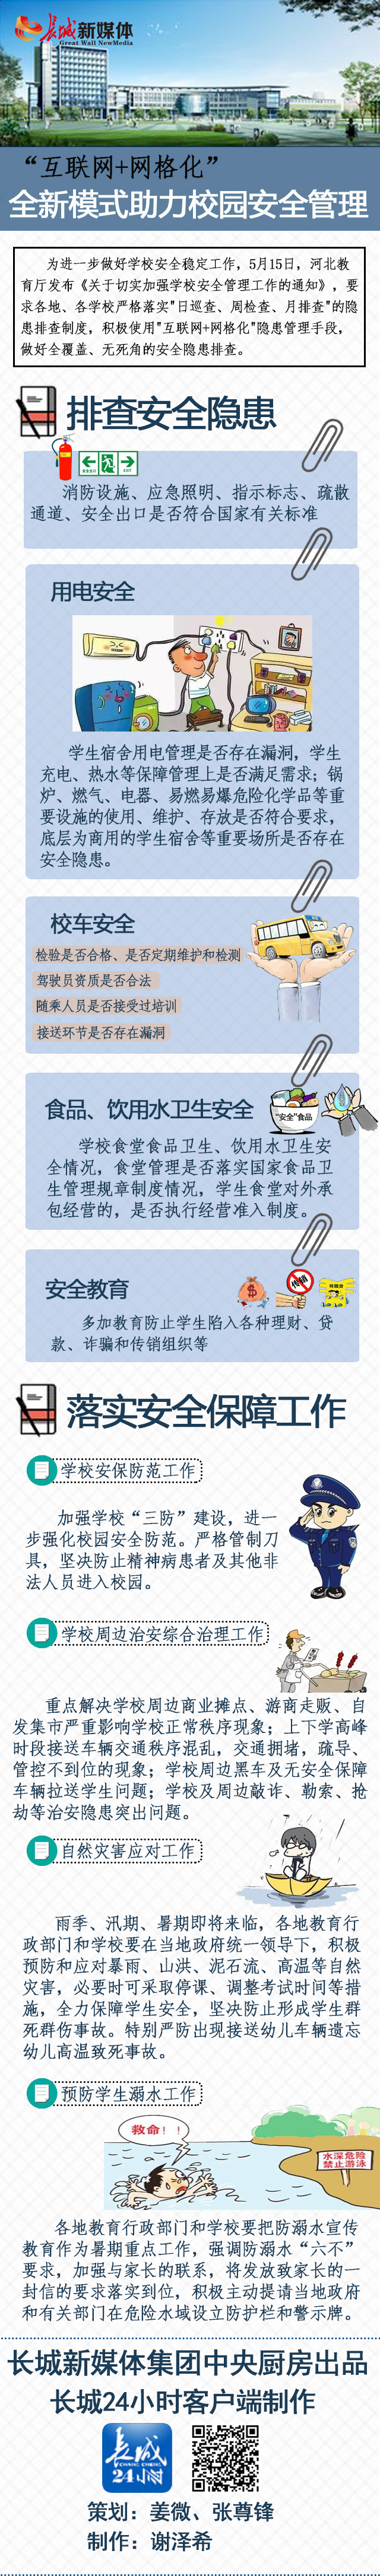 """【图解】河北:""""互联网+网格化""""全新模式助力校"""